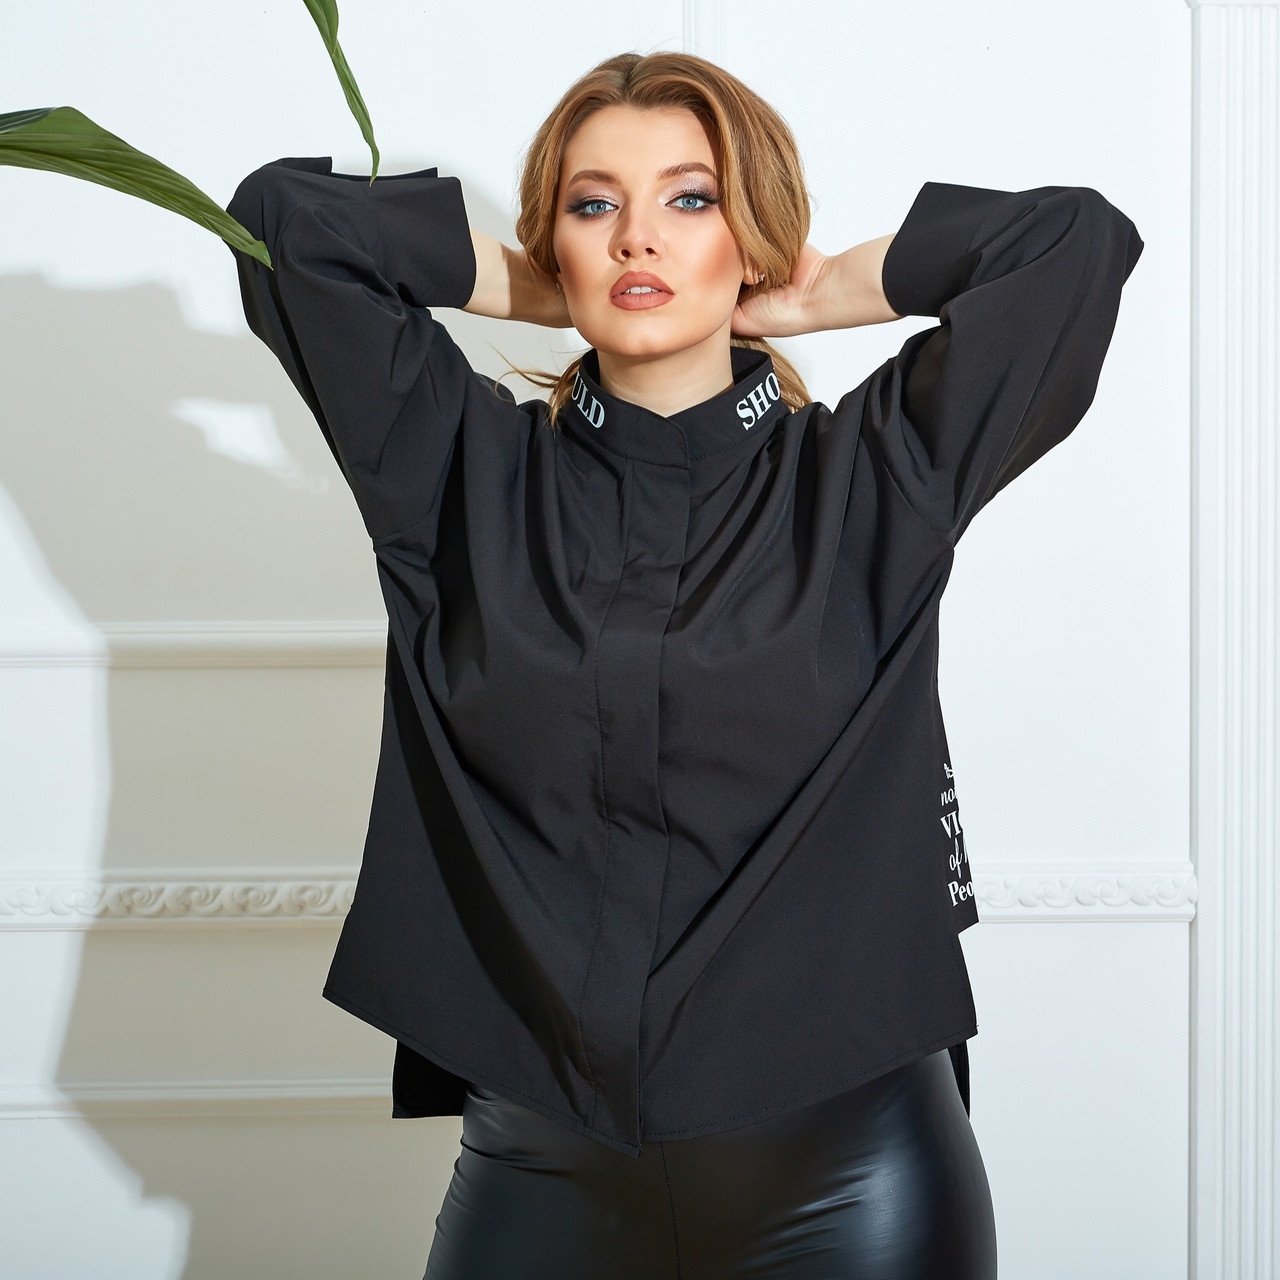 Жіноча сорочка, софт, р-р 48-50; 52-54; 56-58; 60-62 (чорний)